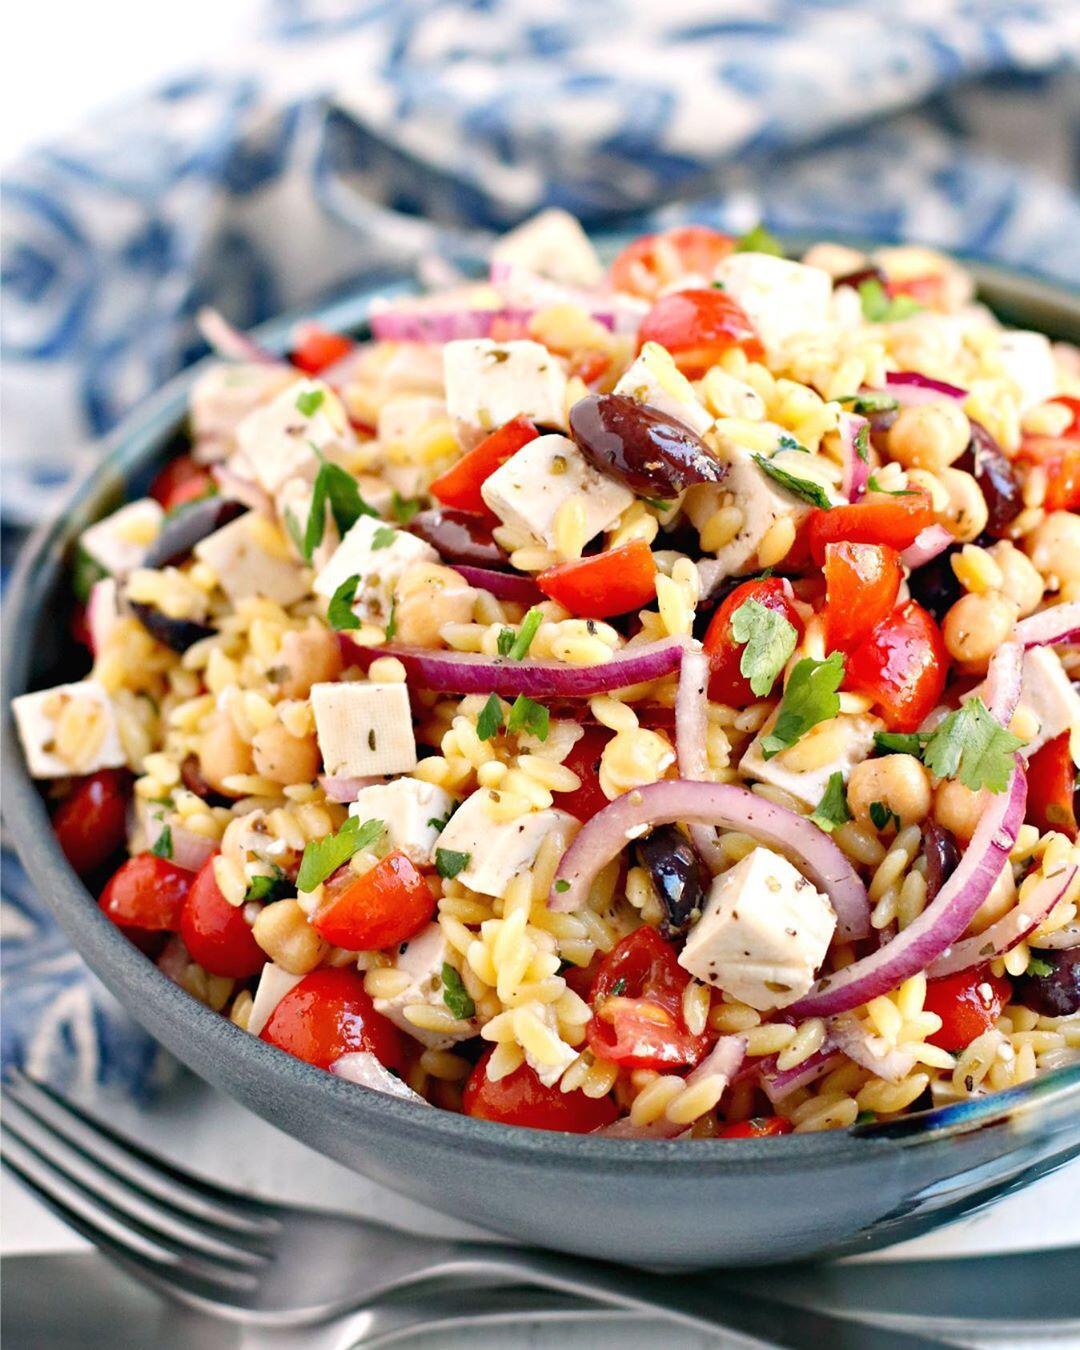 Mediterranean Diet for Better Health